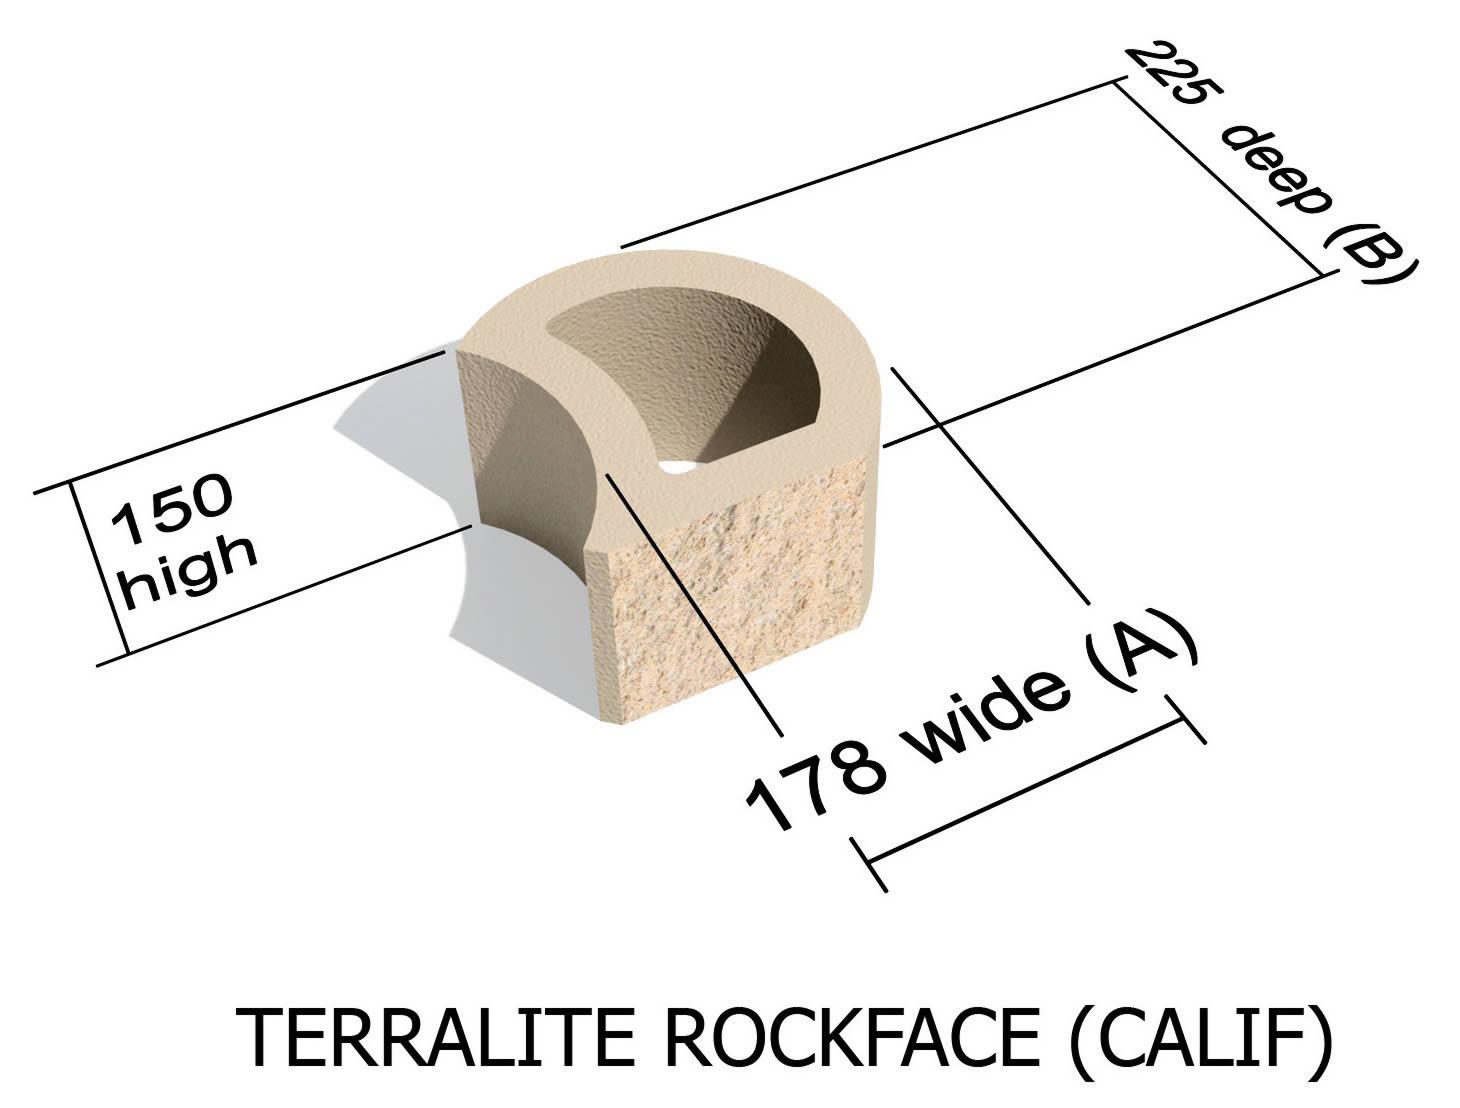 L36_CALIF rock face retaining block